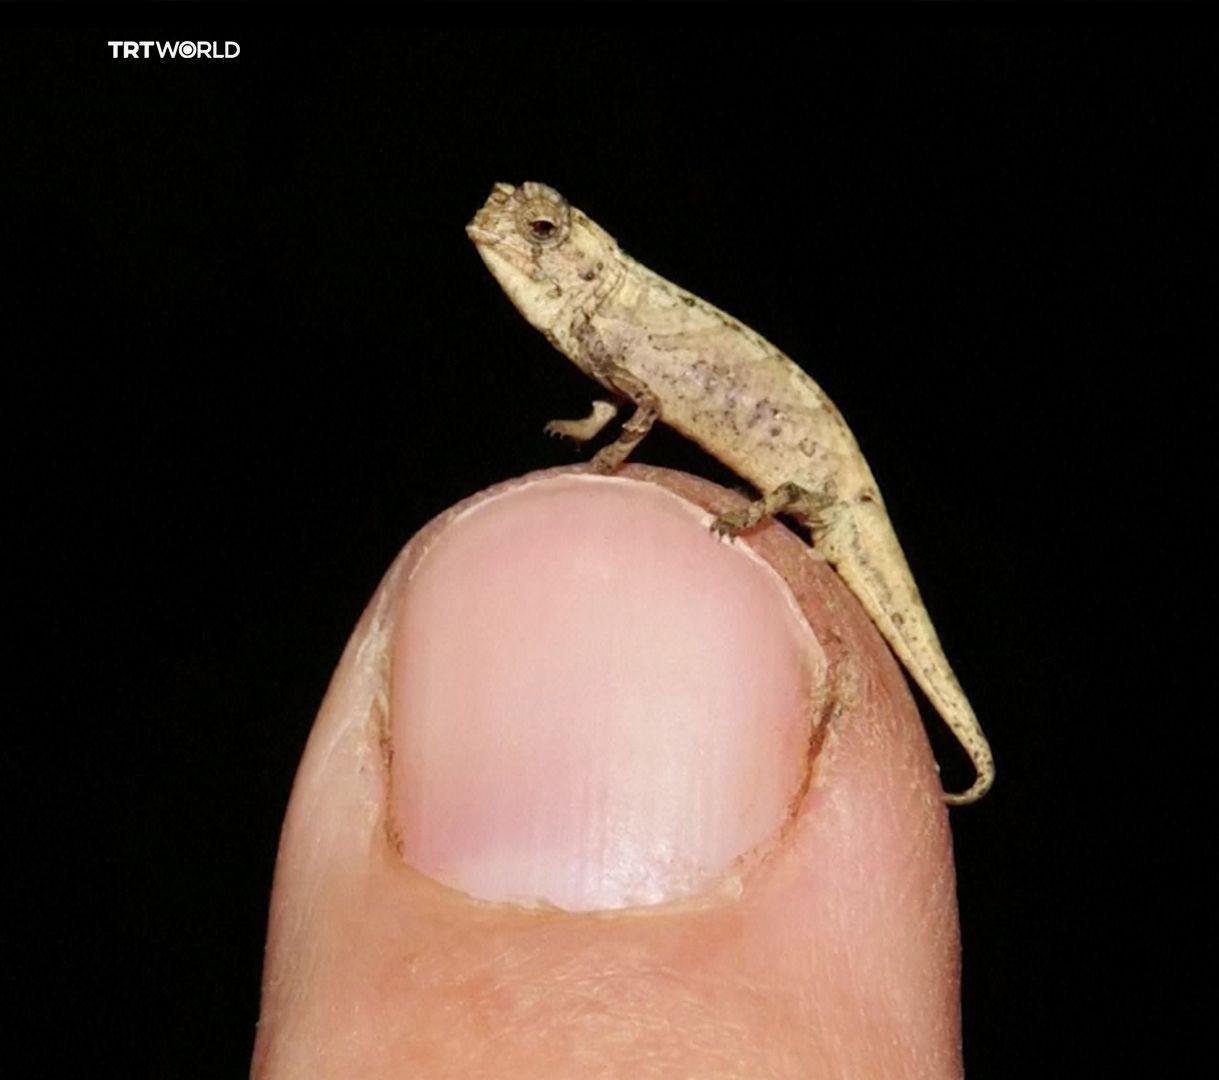 İşte karşınızda dünyanın en küçük sürüngeni